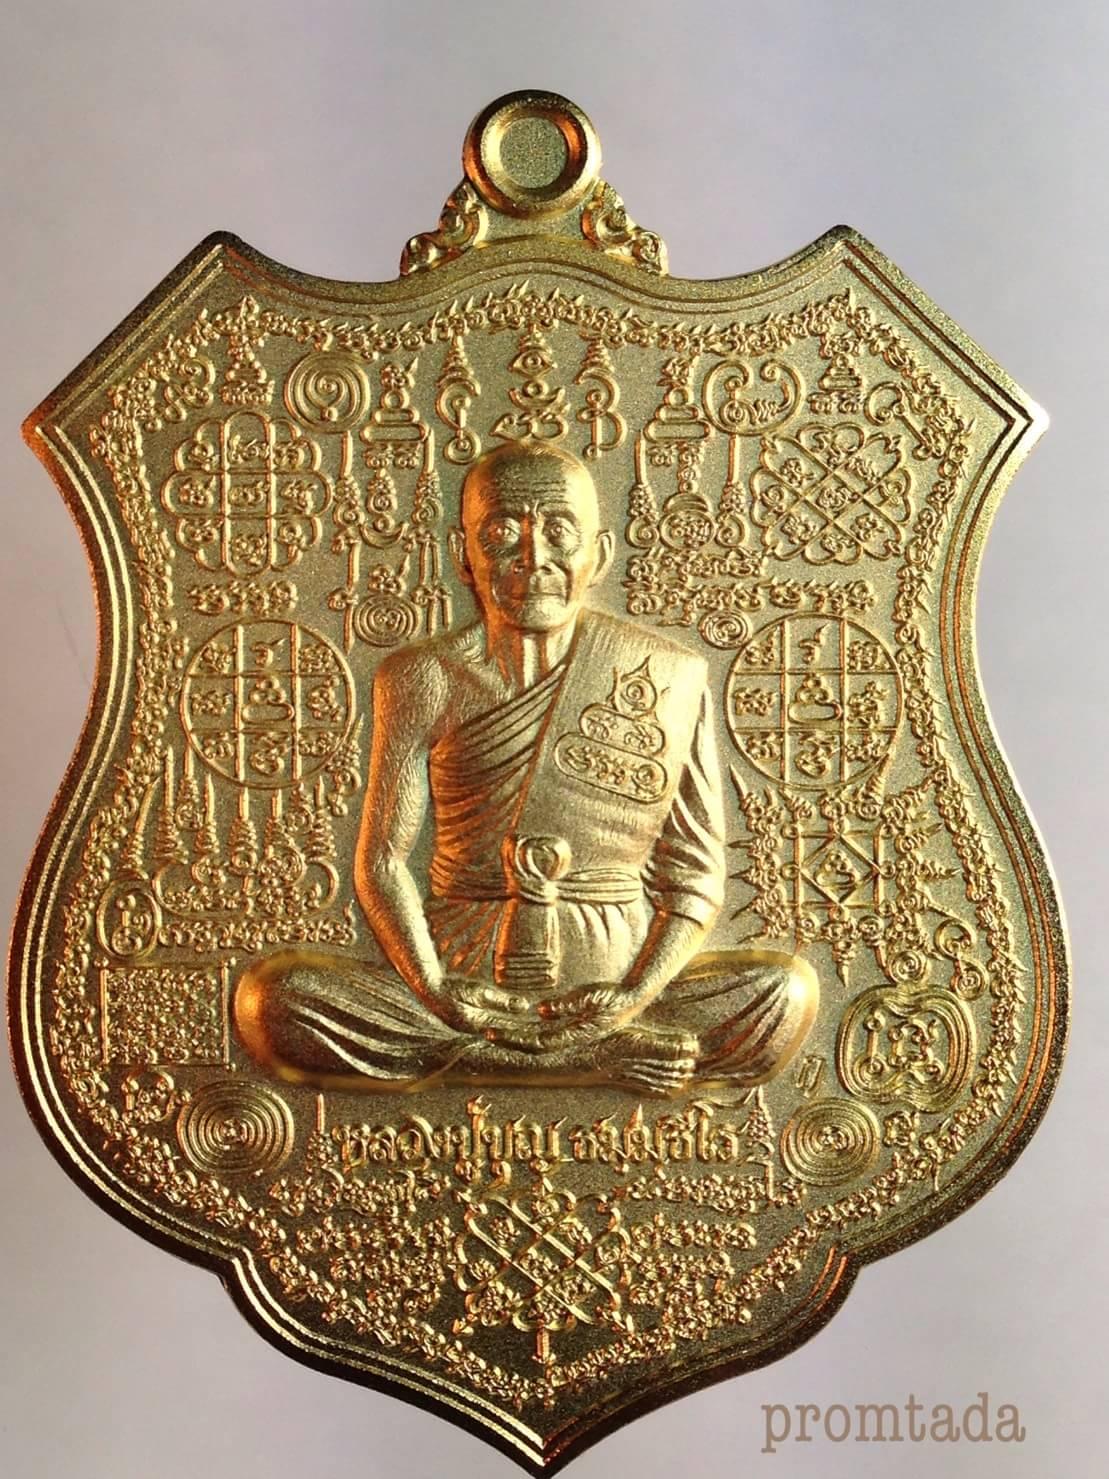 เหรียญมหาปราบ 2 เหนือดวง เนื้อกะไห่ทอง หนุนดวง หลวงปู่บุญ วัดบ้านหมากหมี่